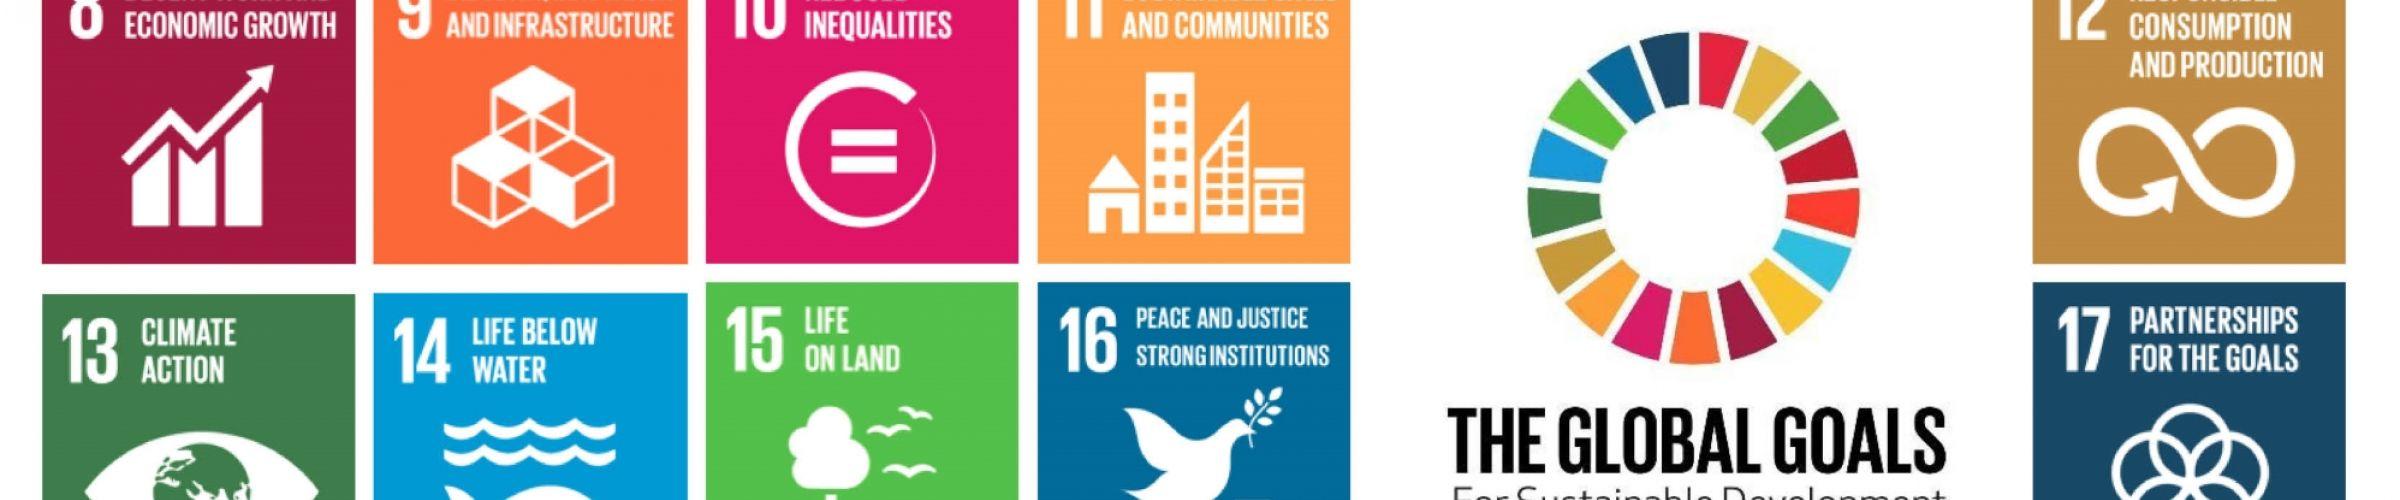 The UN's SDGs